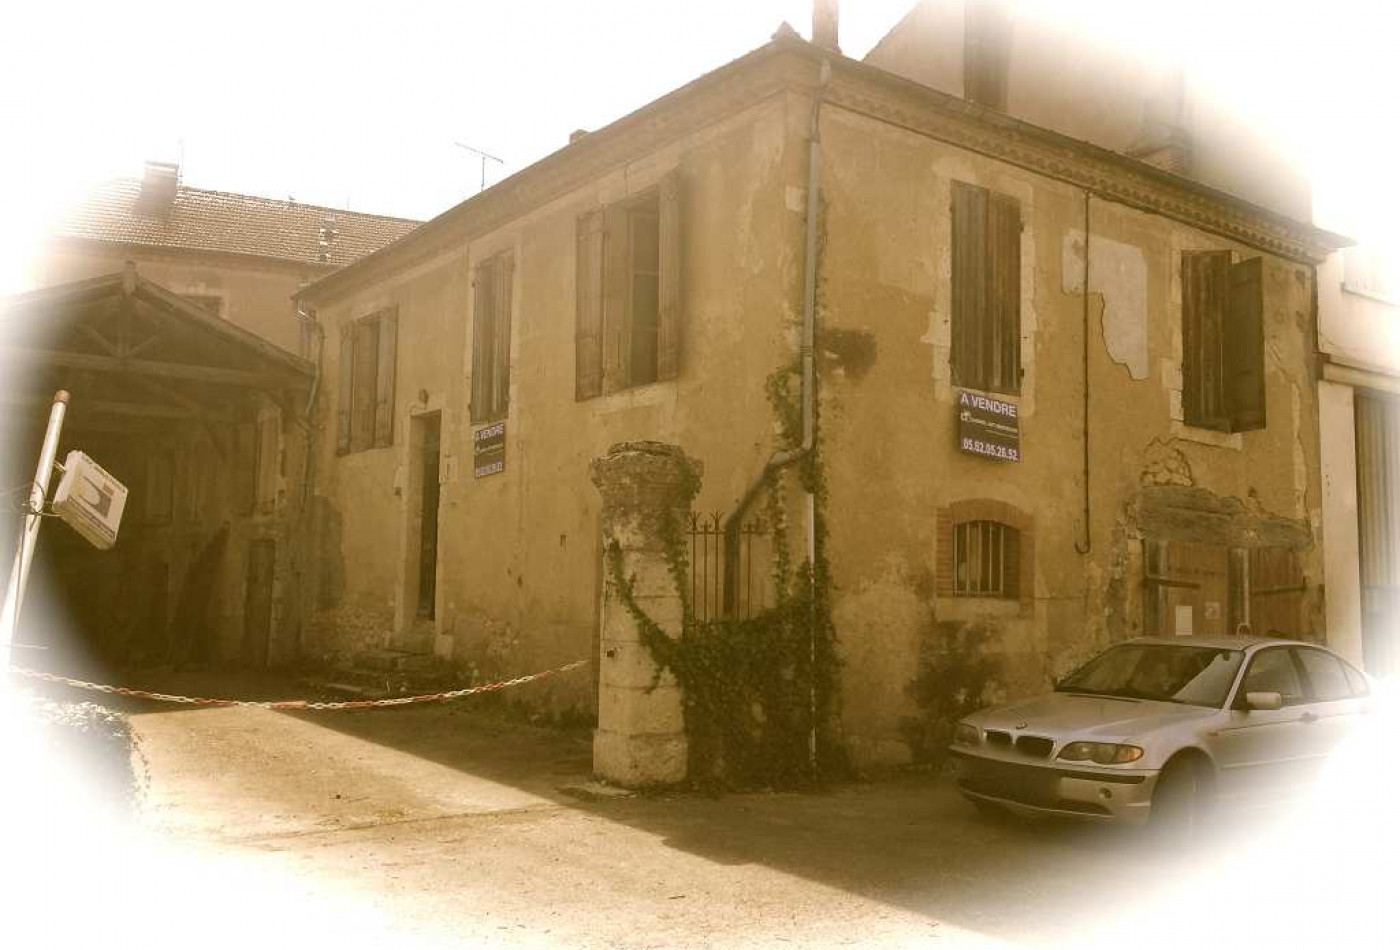 Immeuble en vente auch gabriel art immobilier for Immeuble en vente